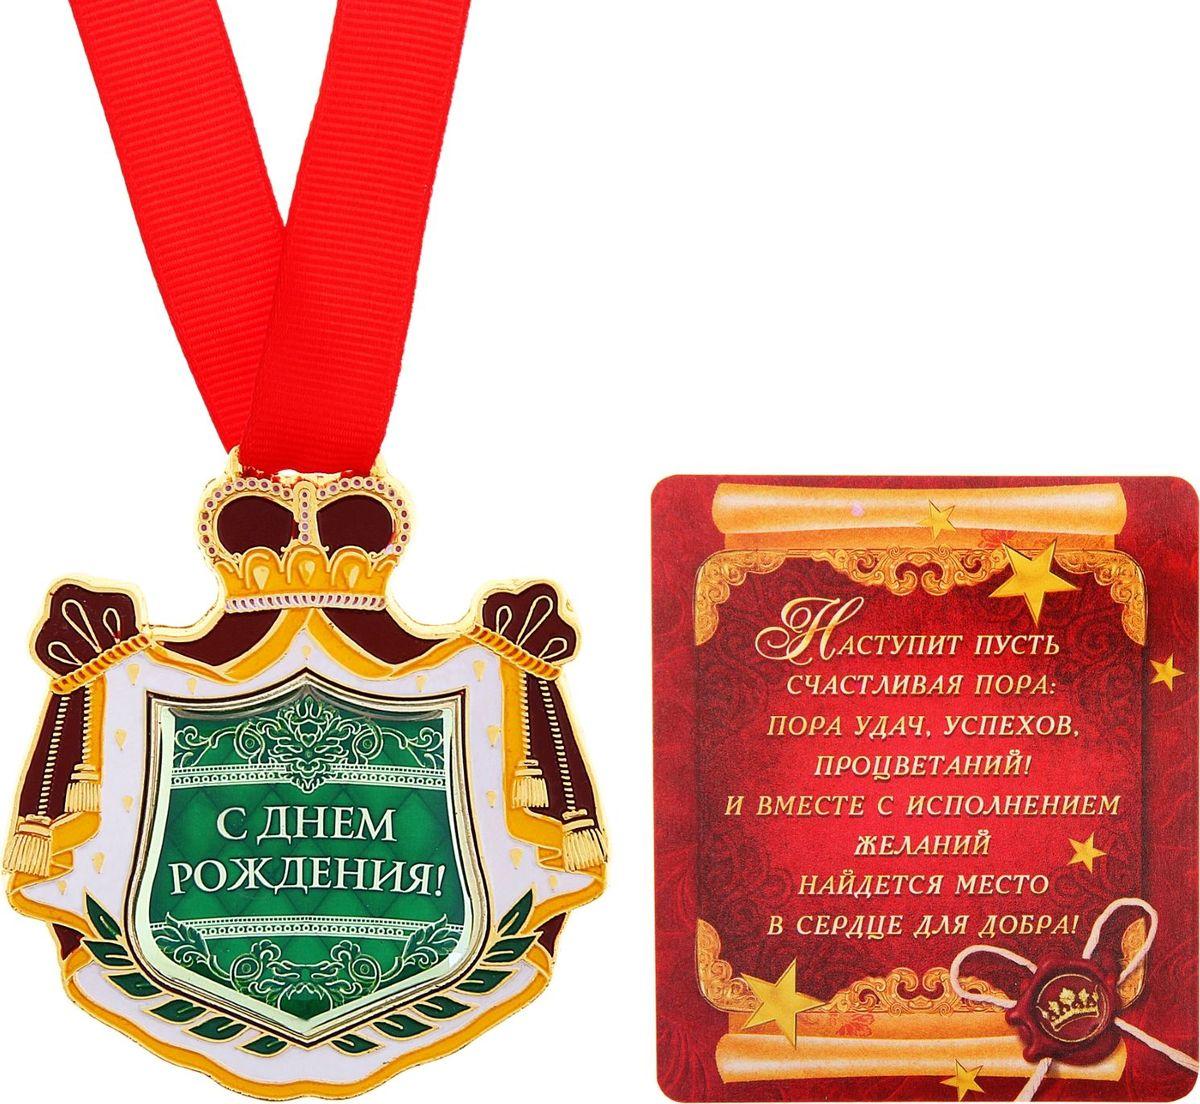 Медаль сувенирная С Днем Рождения, 7 х 7,5 см166011Для ценителей оригинальности, кому наскучили привычные формы, разработана эксклюзивная, нестандартная и яркая медаль. Металлическая медаль залита яркими красками и украшена стразами, что делает ее более эффектной и запоминающейся. Идет в комплекте с поздравительной открыткой.